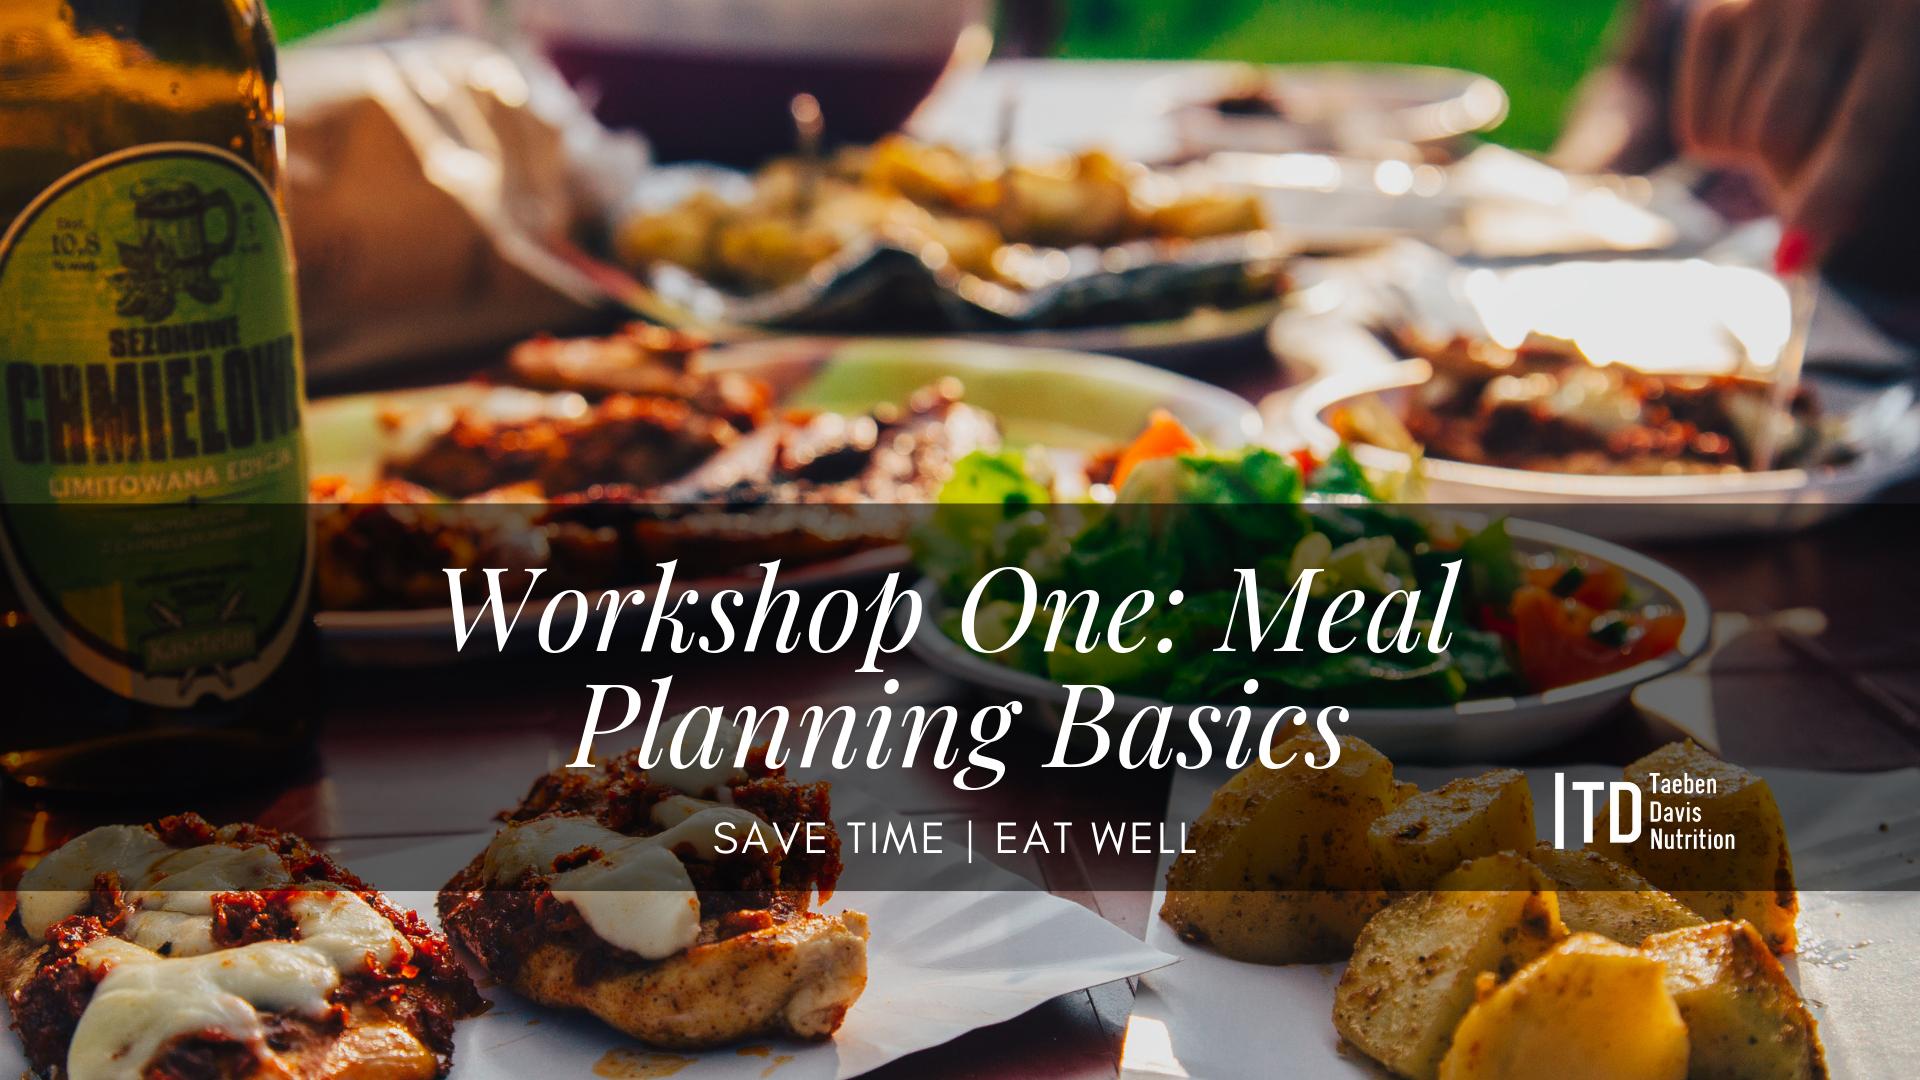 Workshop One_ Meal Planning Basics - Facebook Event Ad.png